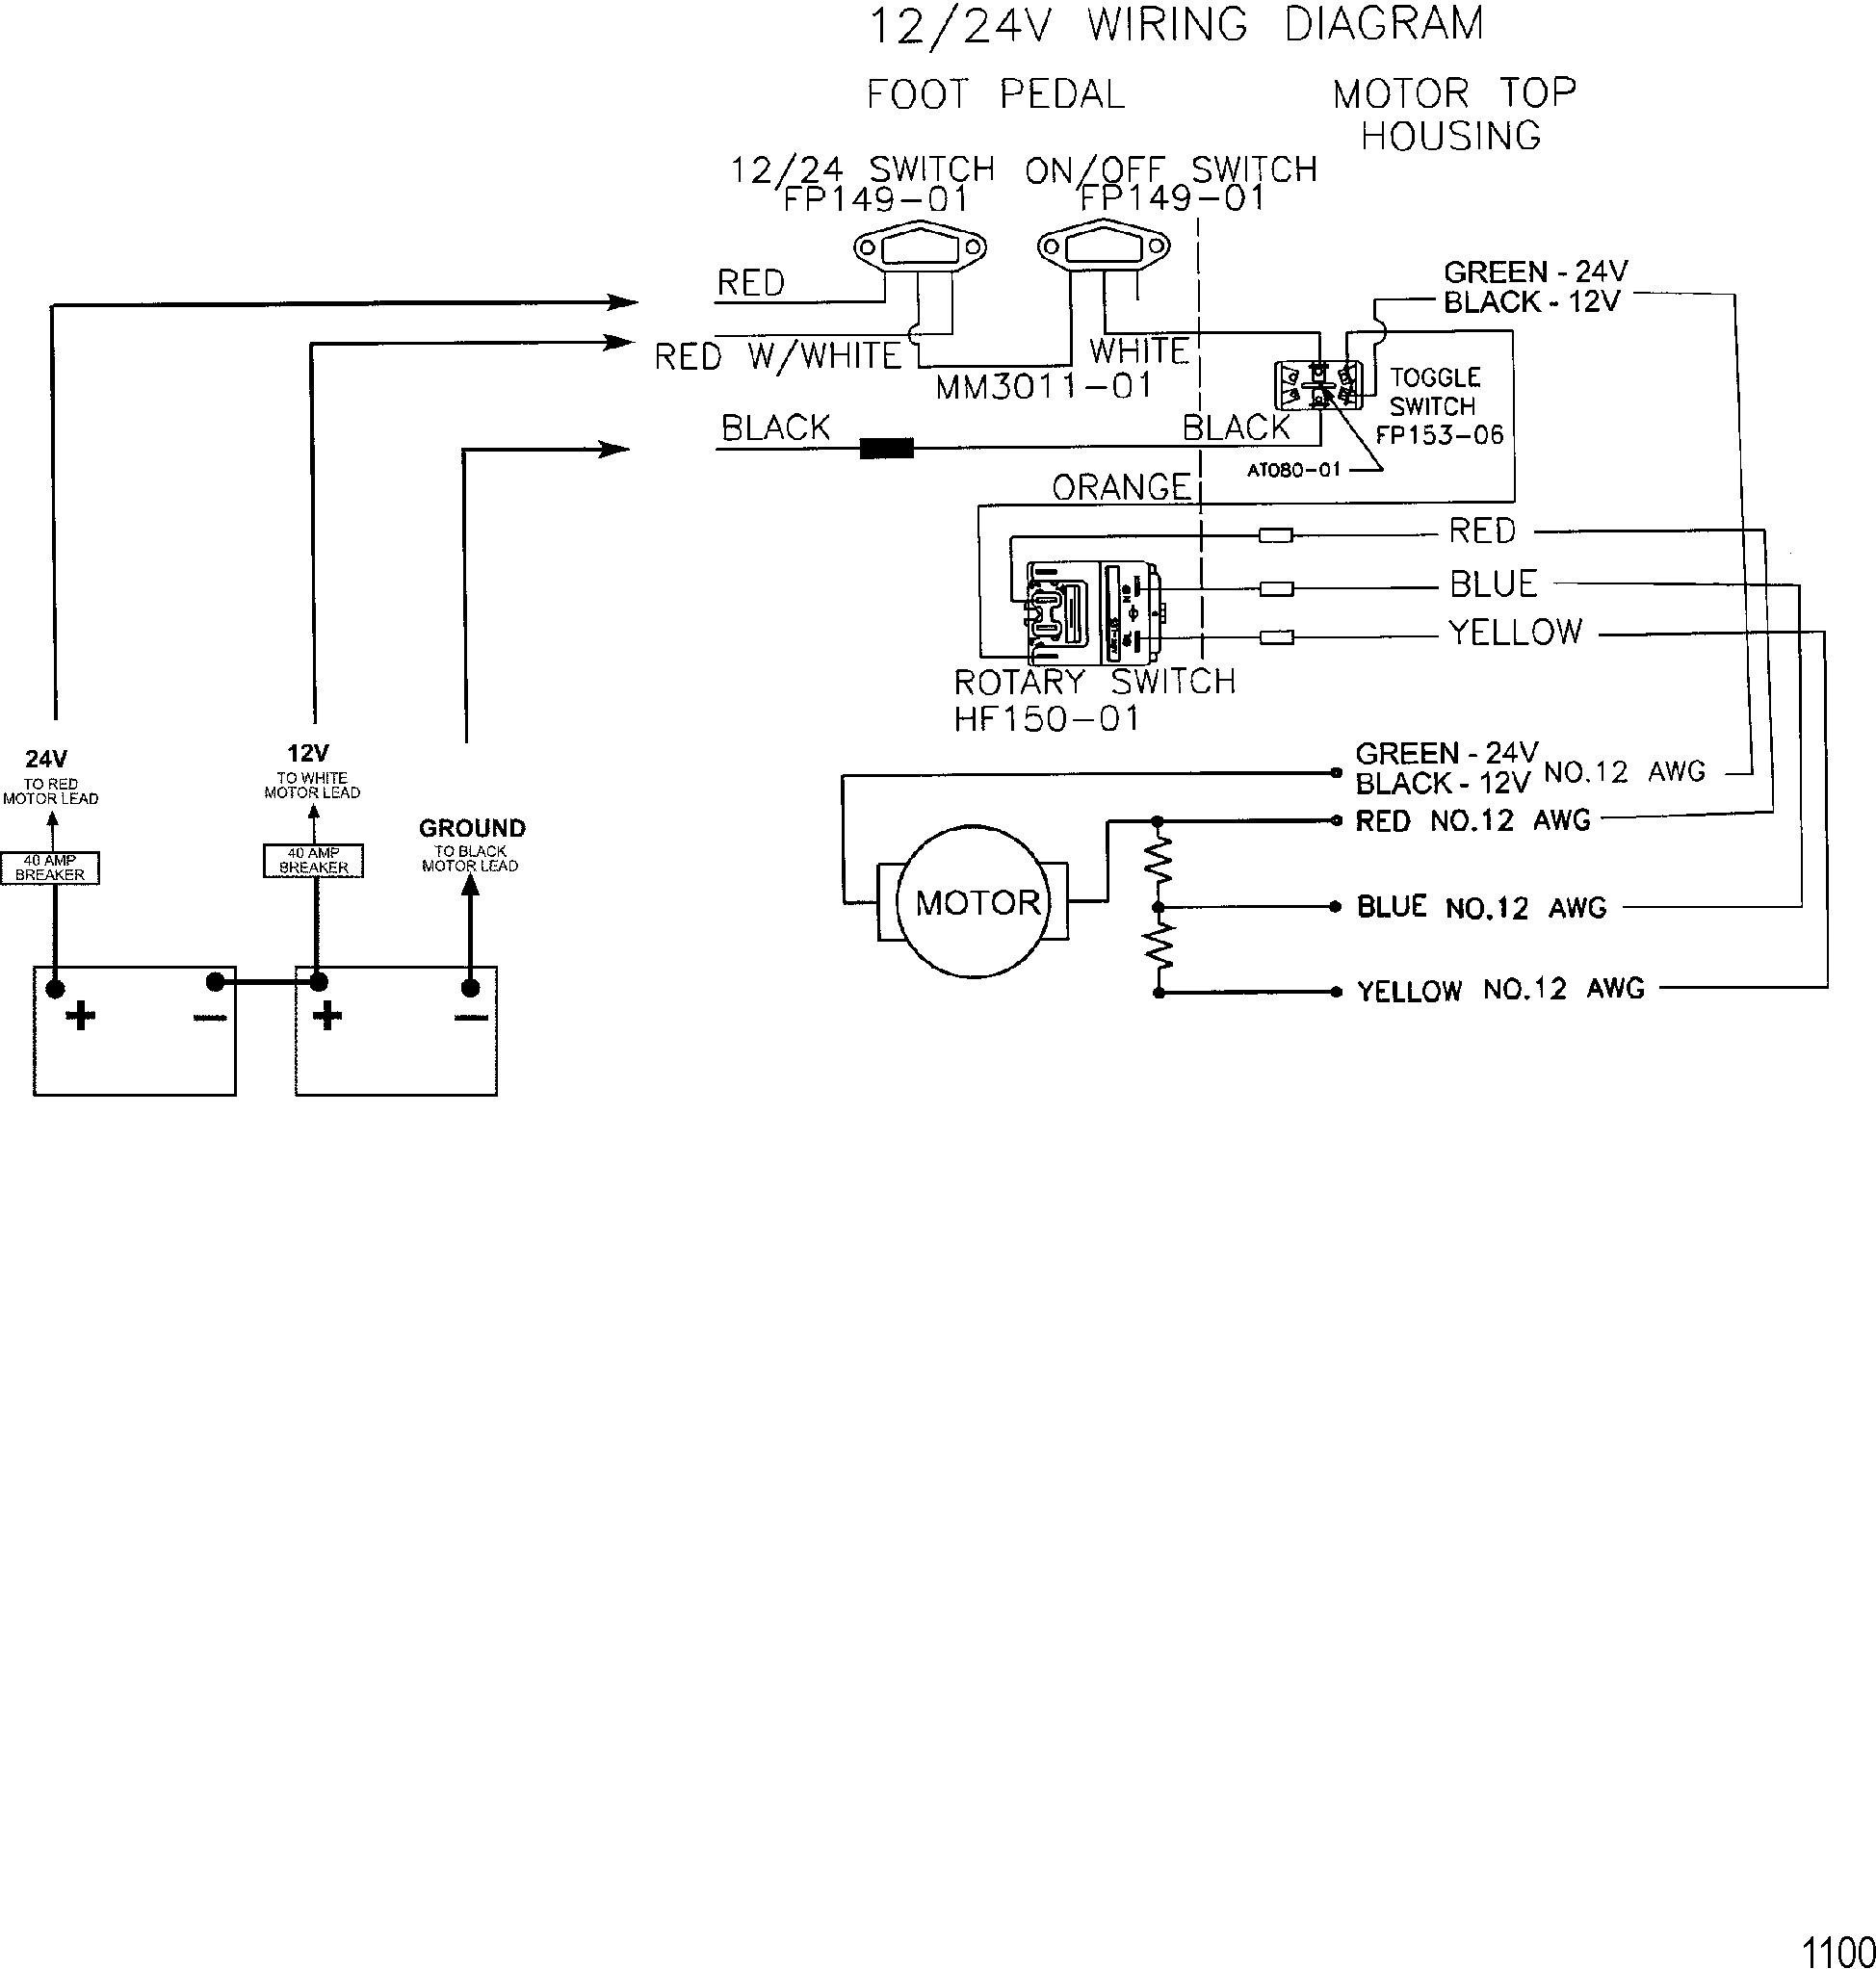 36V Wiring Diagram Trolling Motor from annawiringdiagram.com